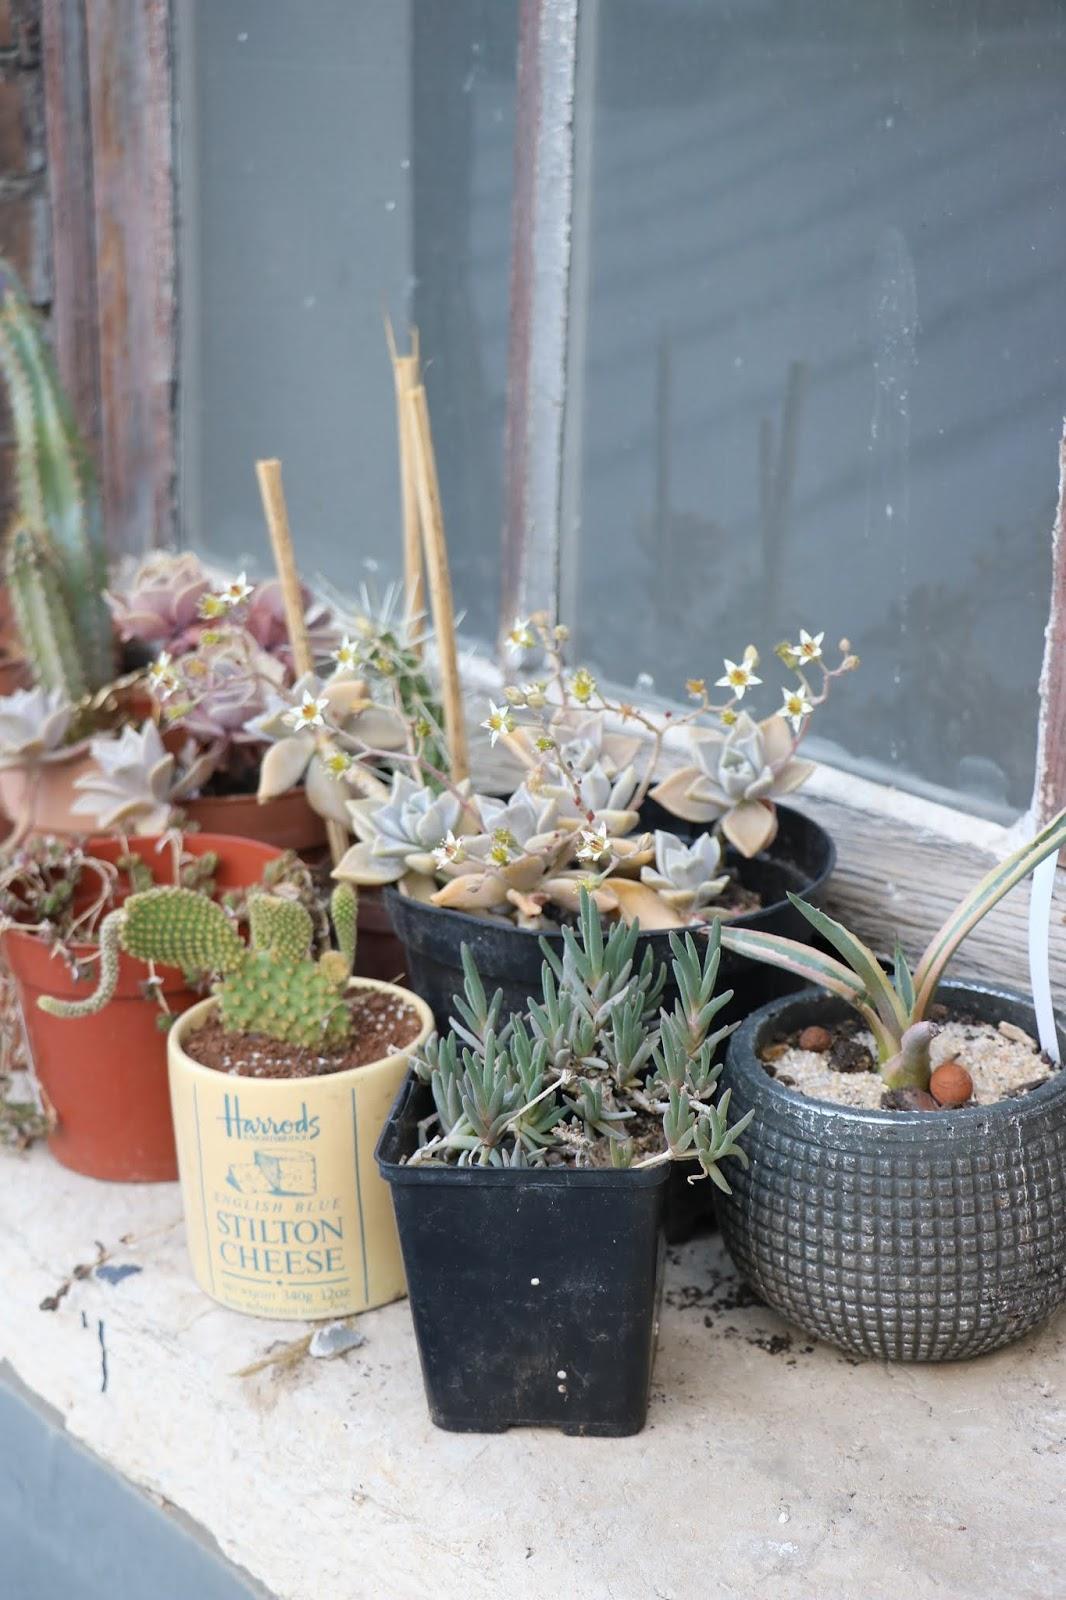 Comment Arroser Mes Plantes Pendant Les Vacances mes plantes d'interieur (+ mini guide) - lily fairly